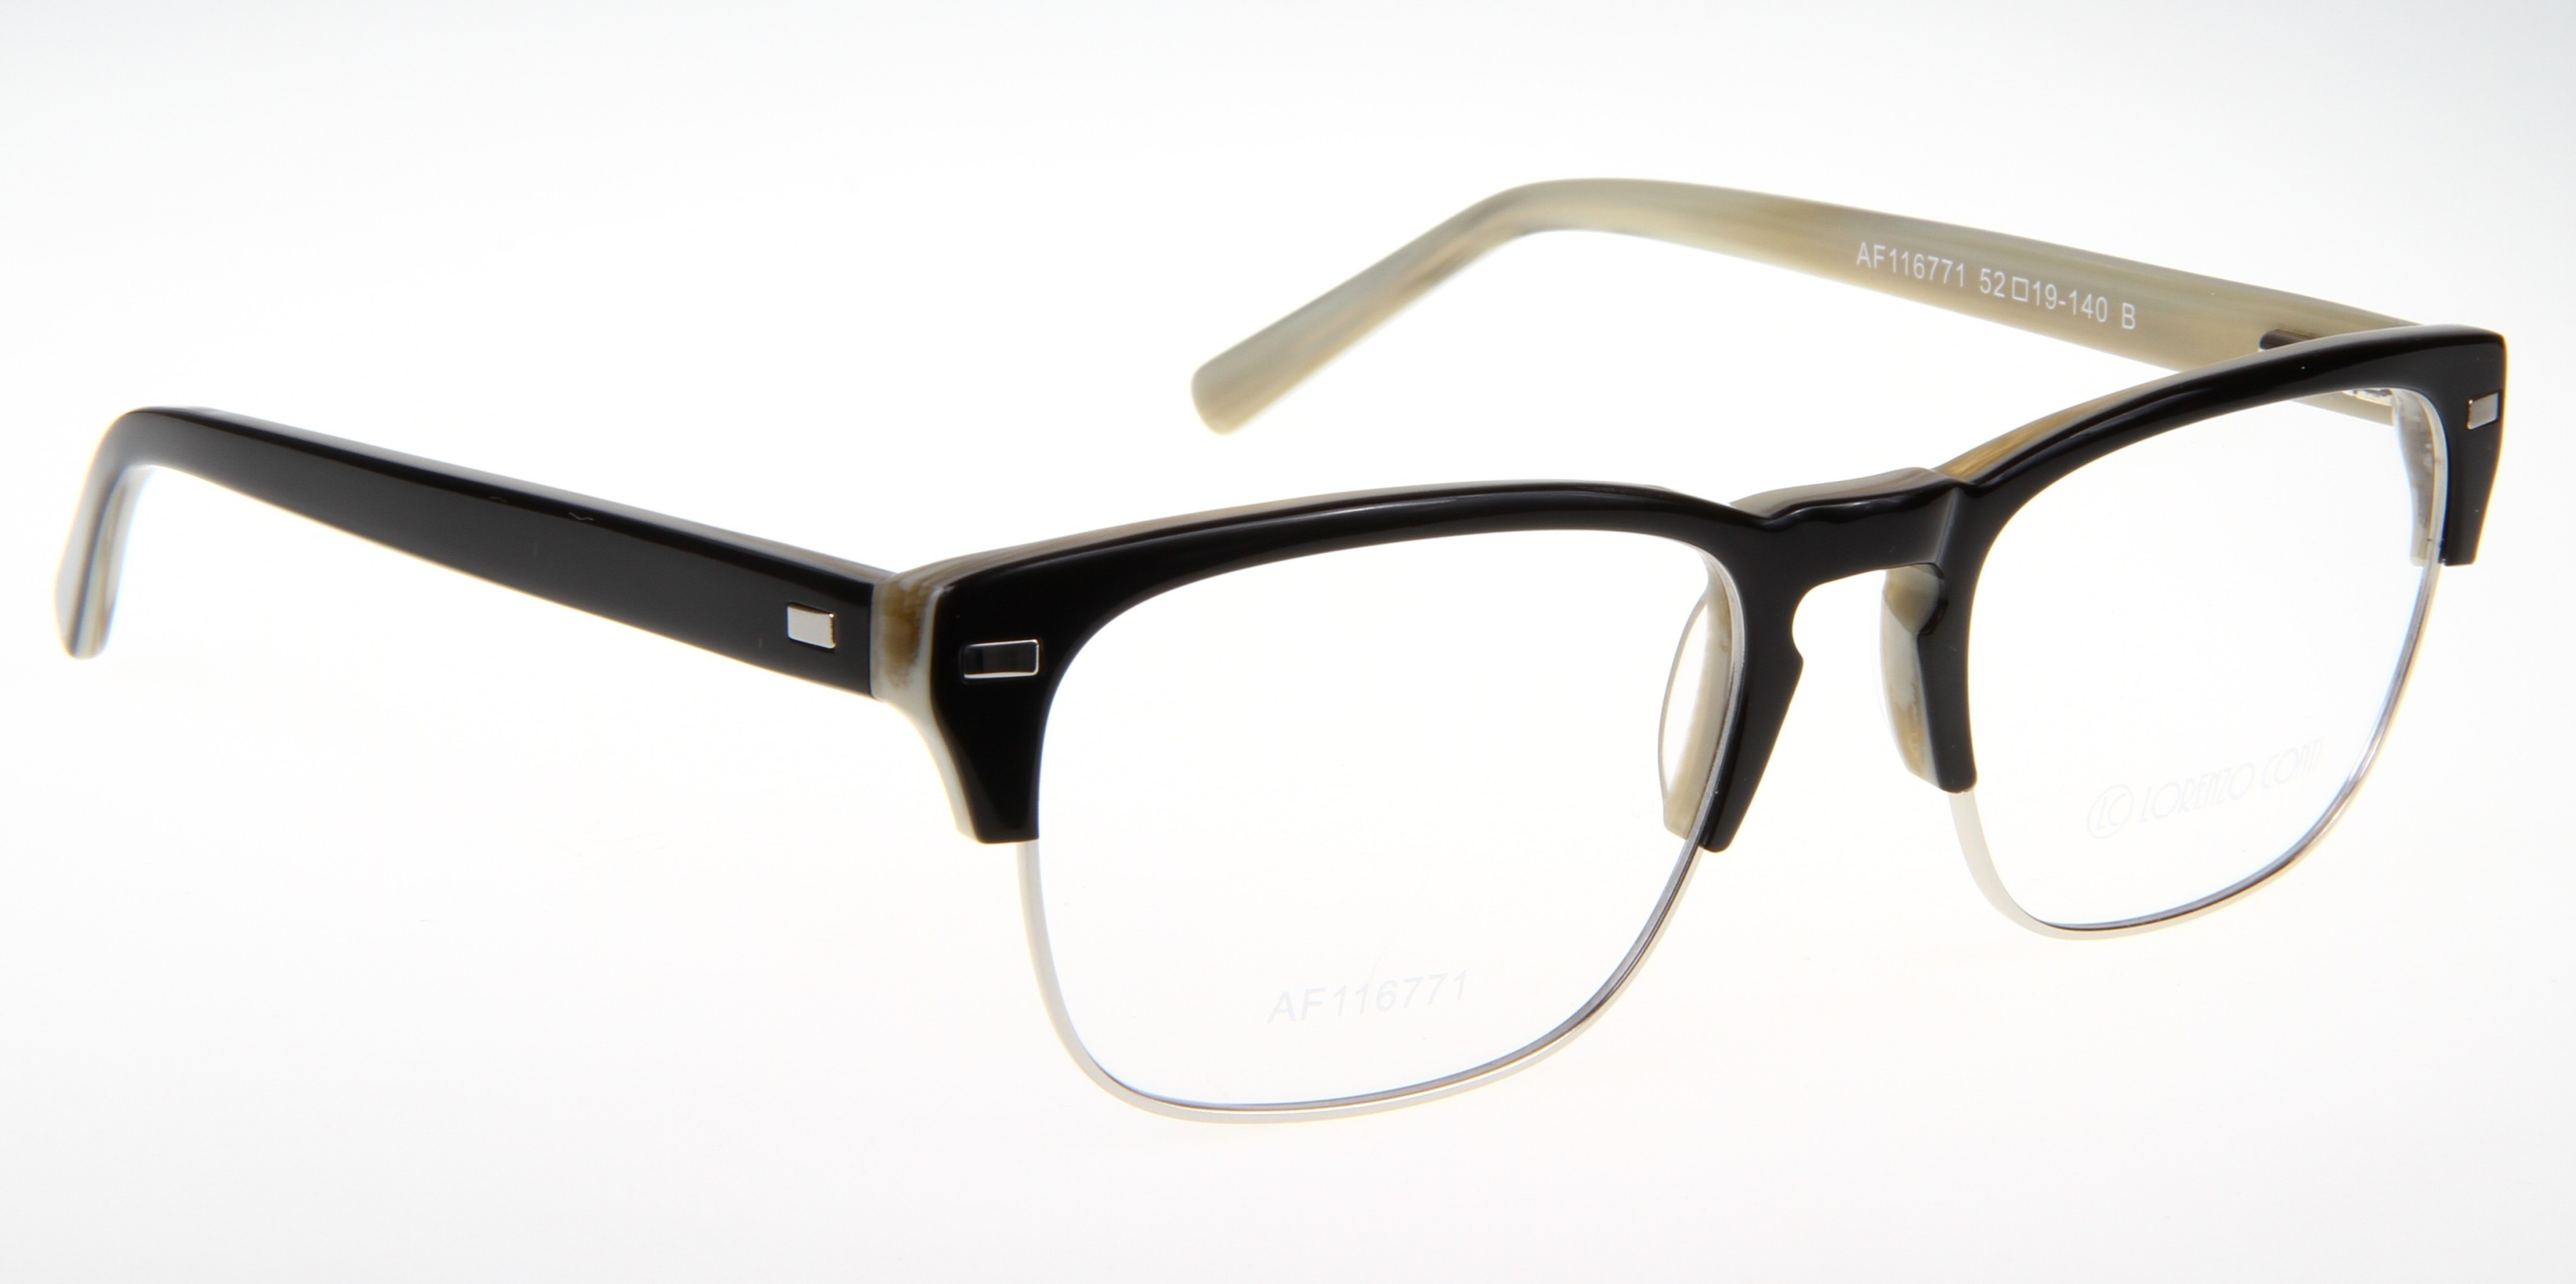 Oprawki okularowe Lorenzo AF116771 col. B czarno-beżowy